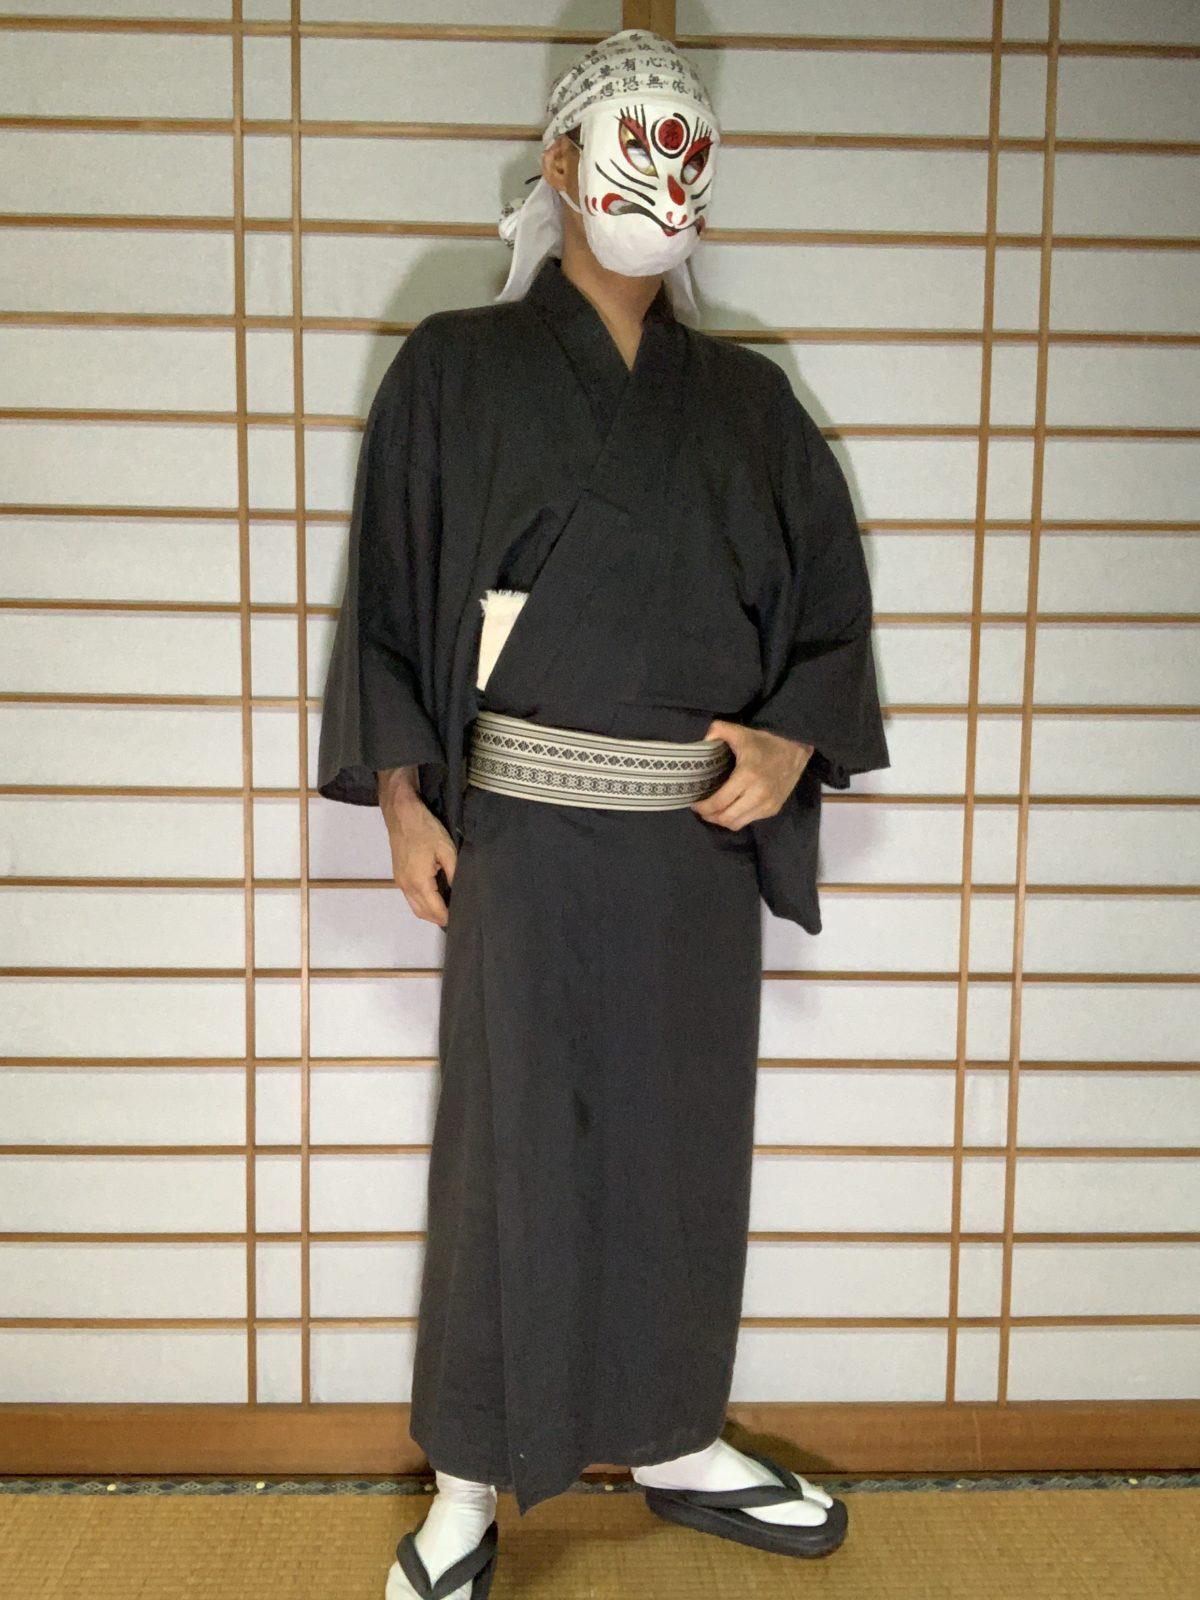 男の和服,メンズ着物,狐面,日本,裏着物,和,文化,十五夜,